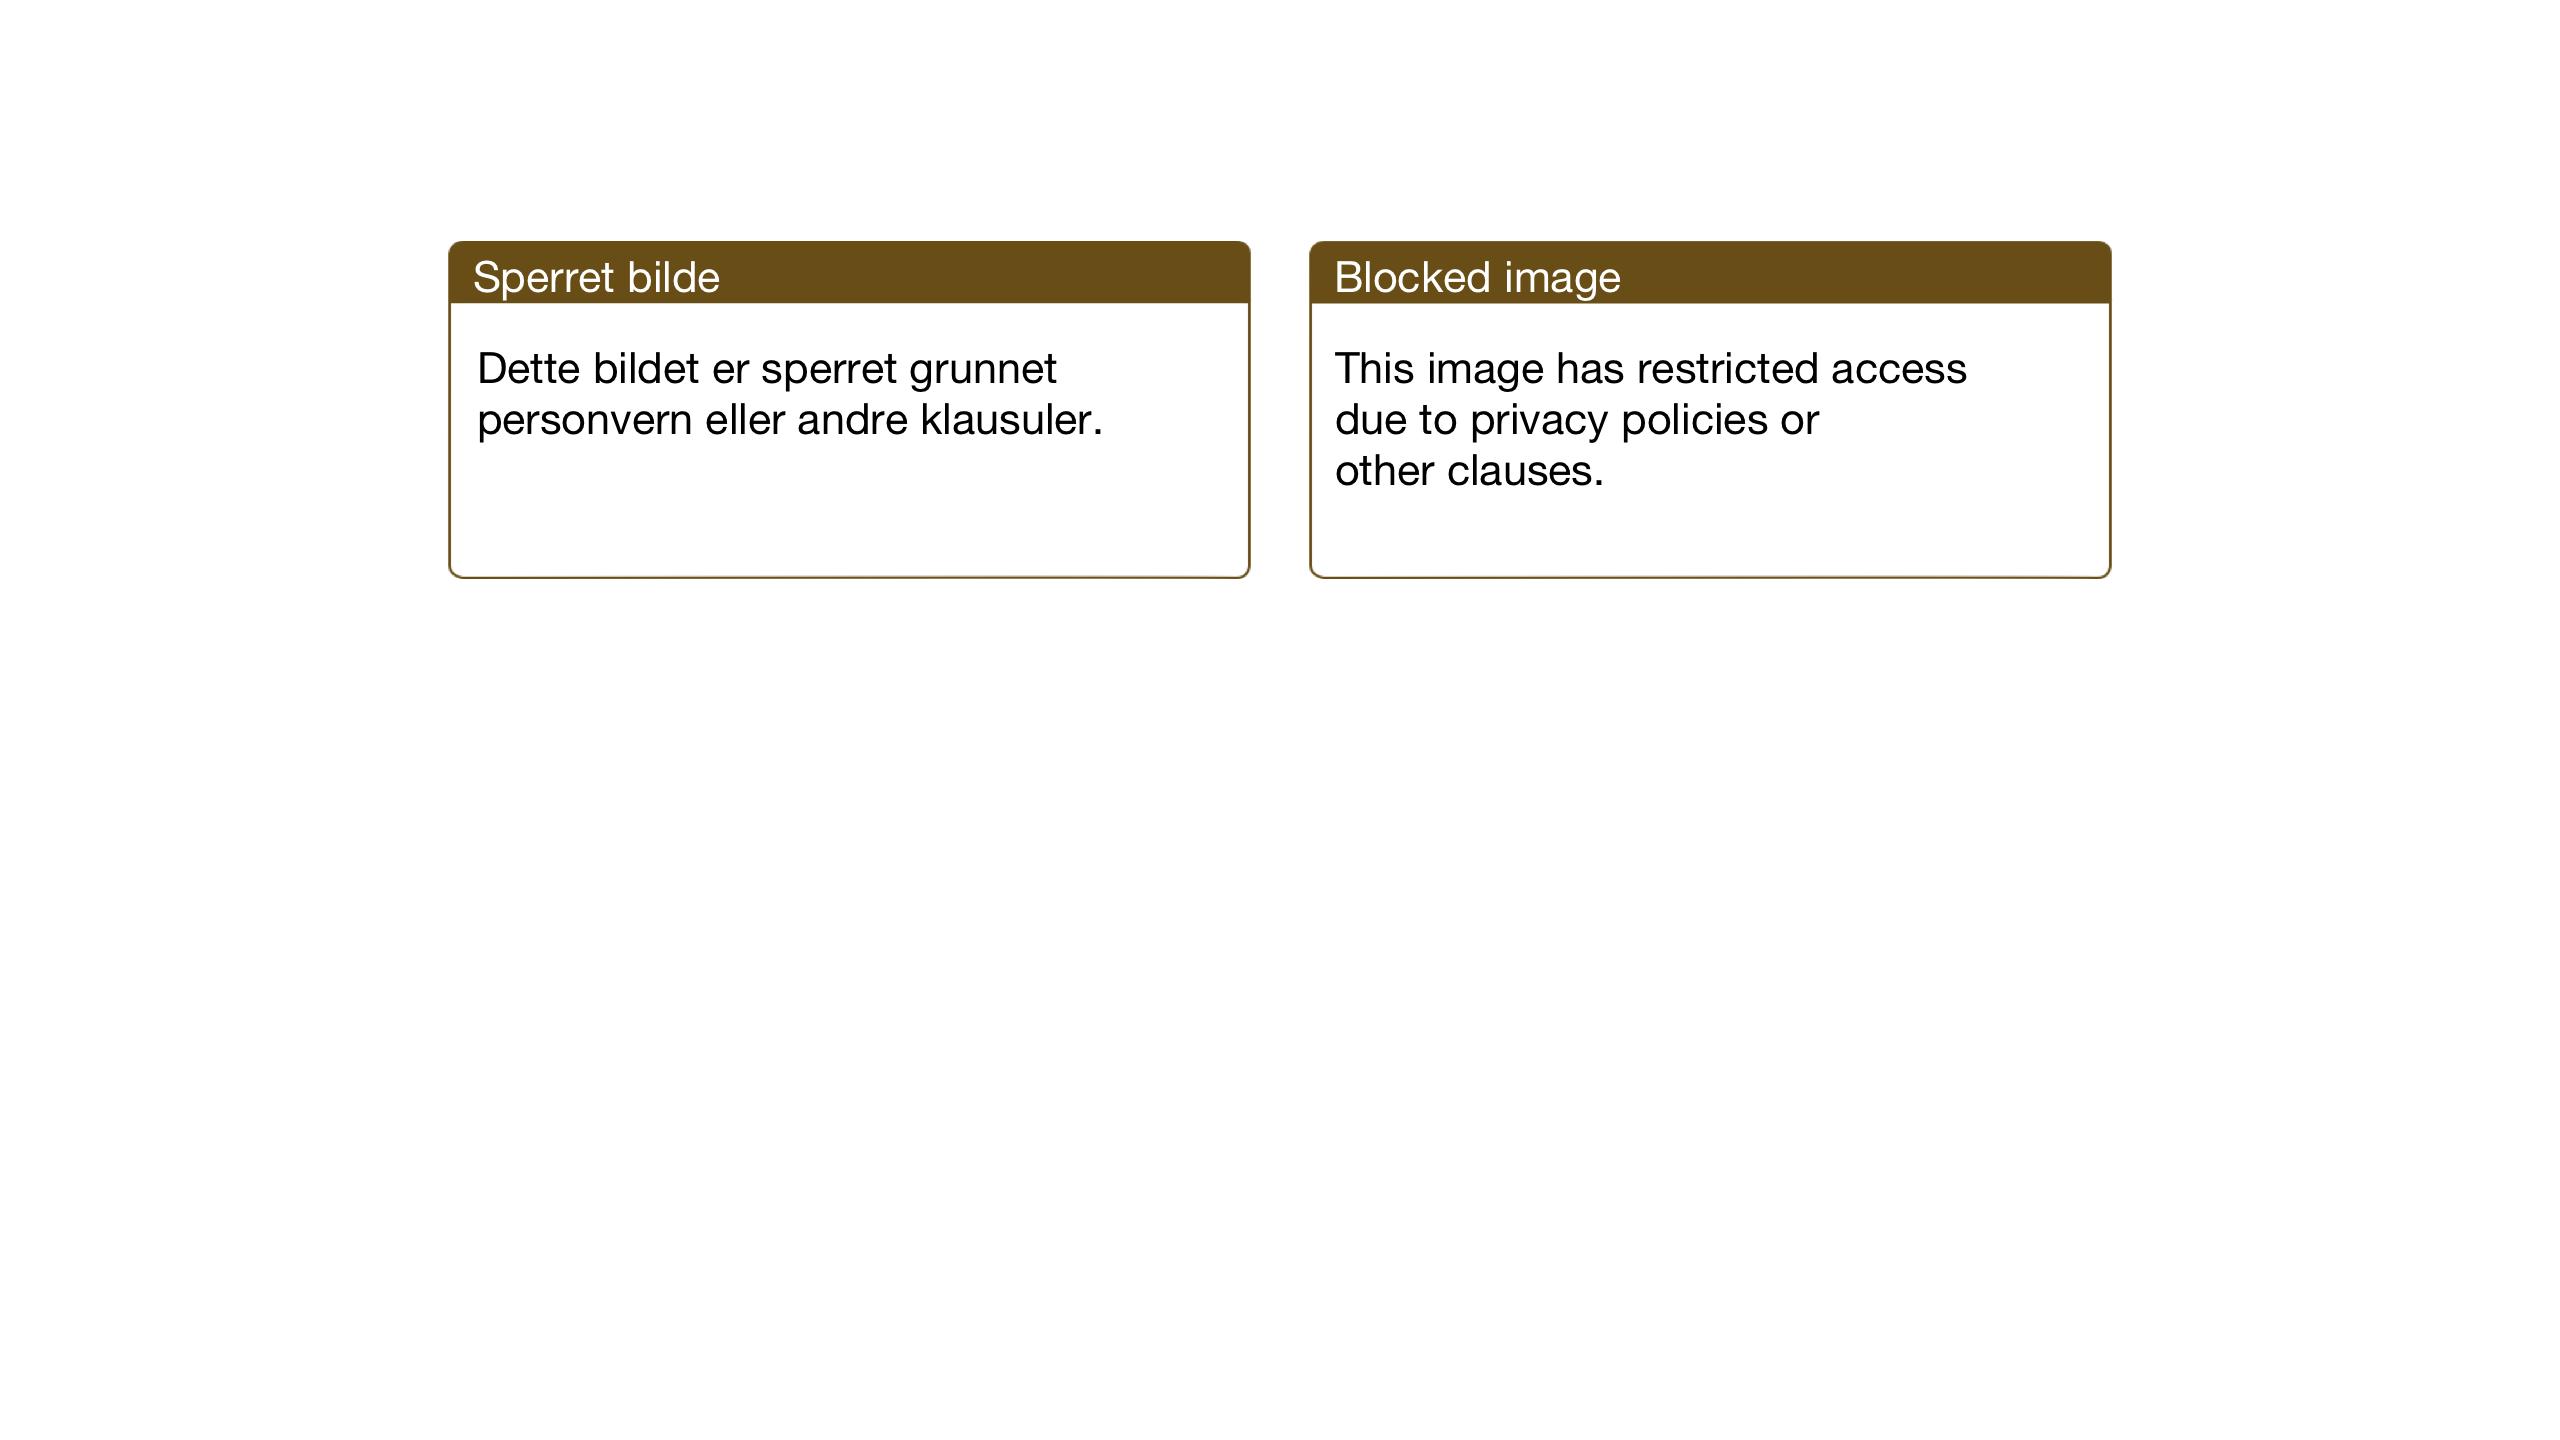 SAT, Ministerialprotokoller, klokkerbøker og fødselsregistre - Nord-Trøndelag, 741/L0403: Ministerialbok nr. 741C04, 1925-1944, s. 107